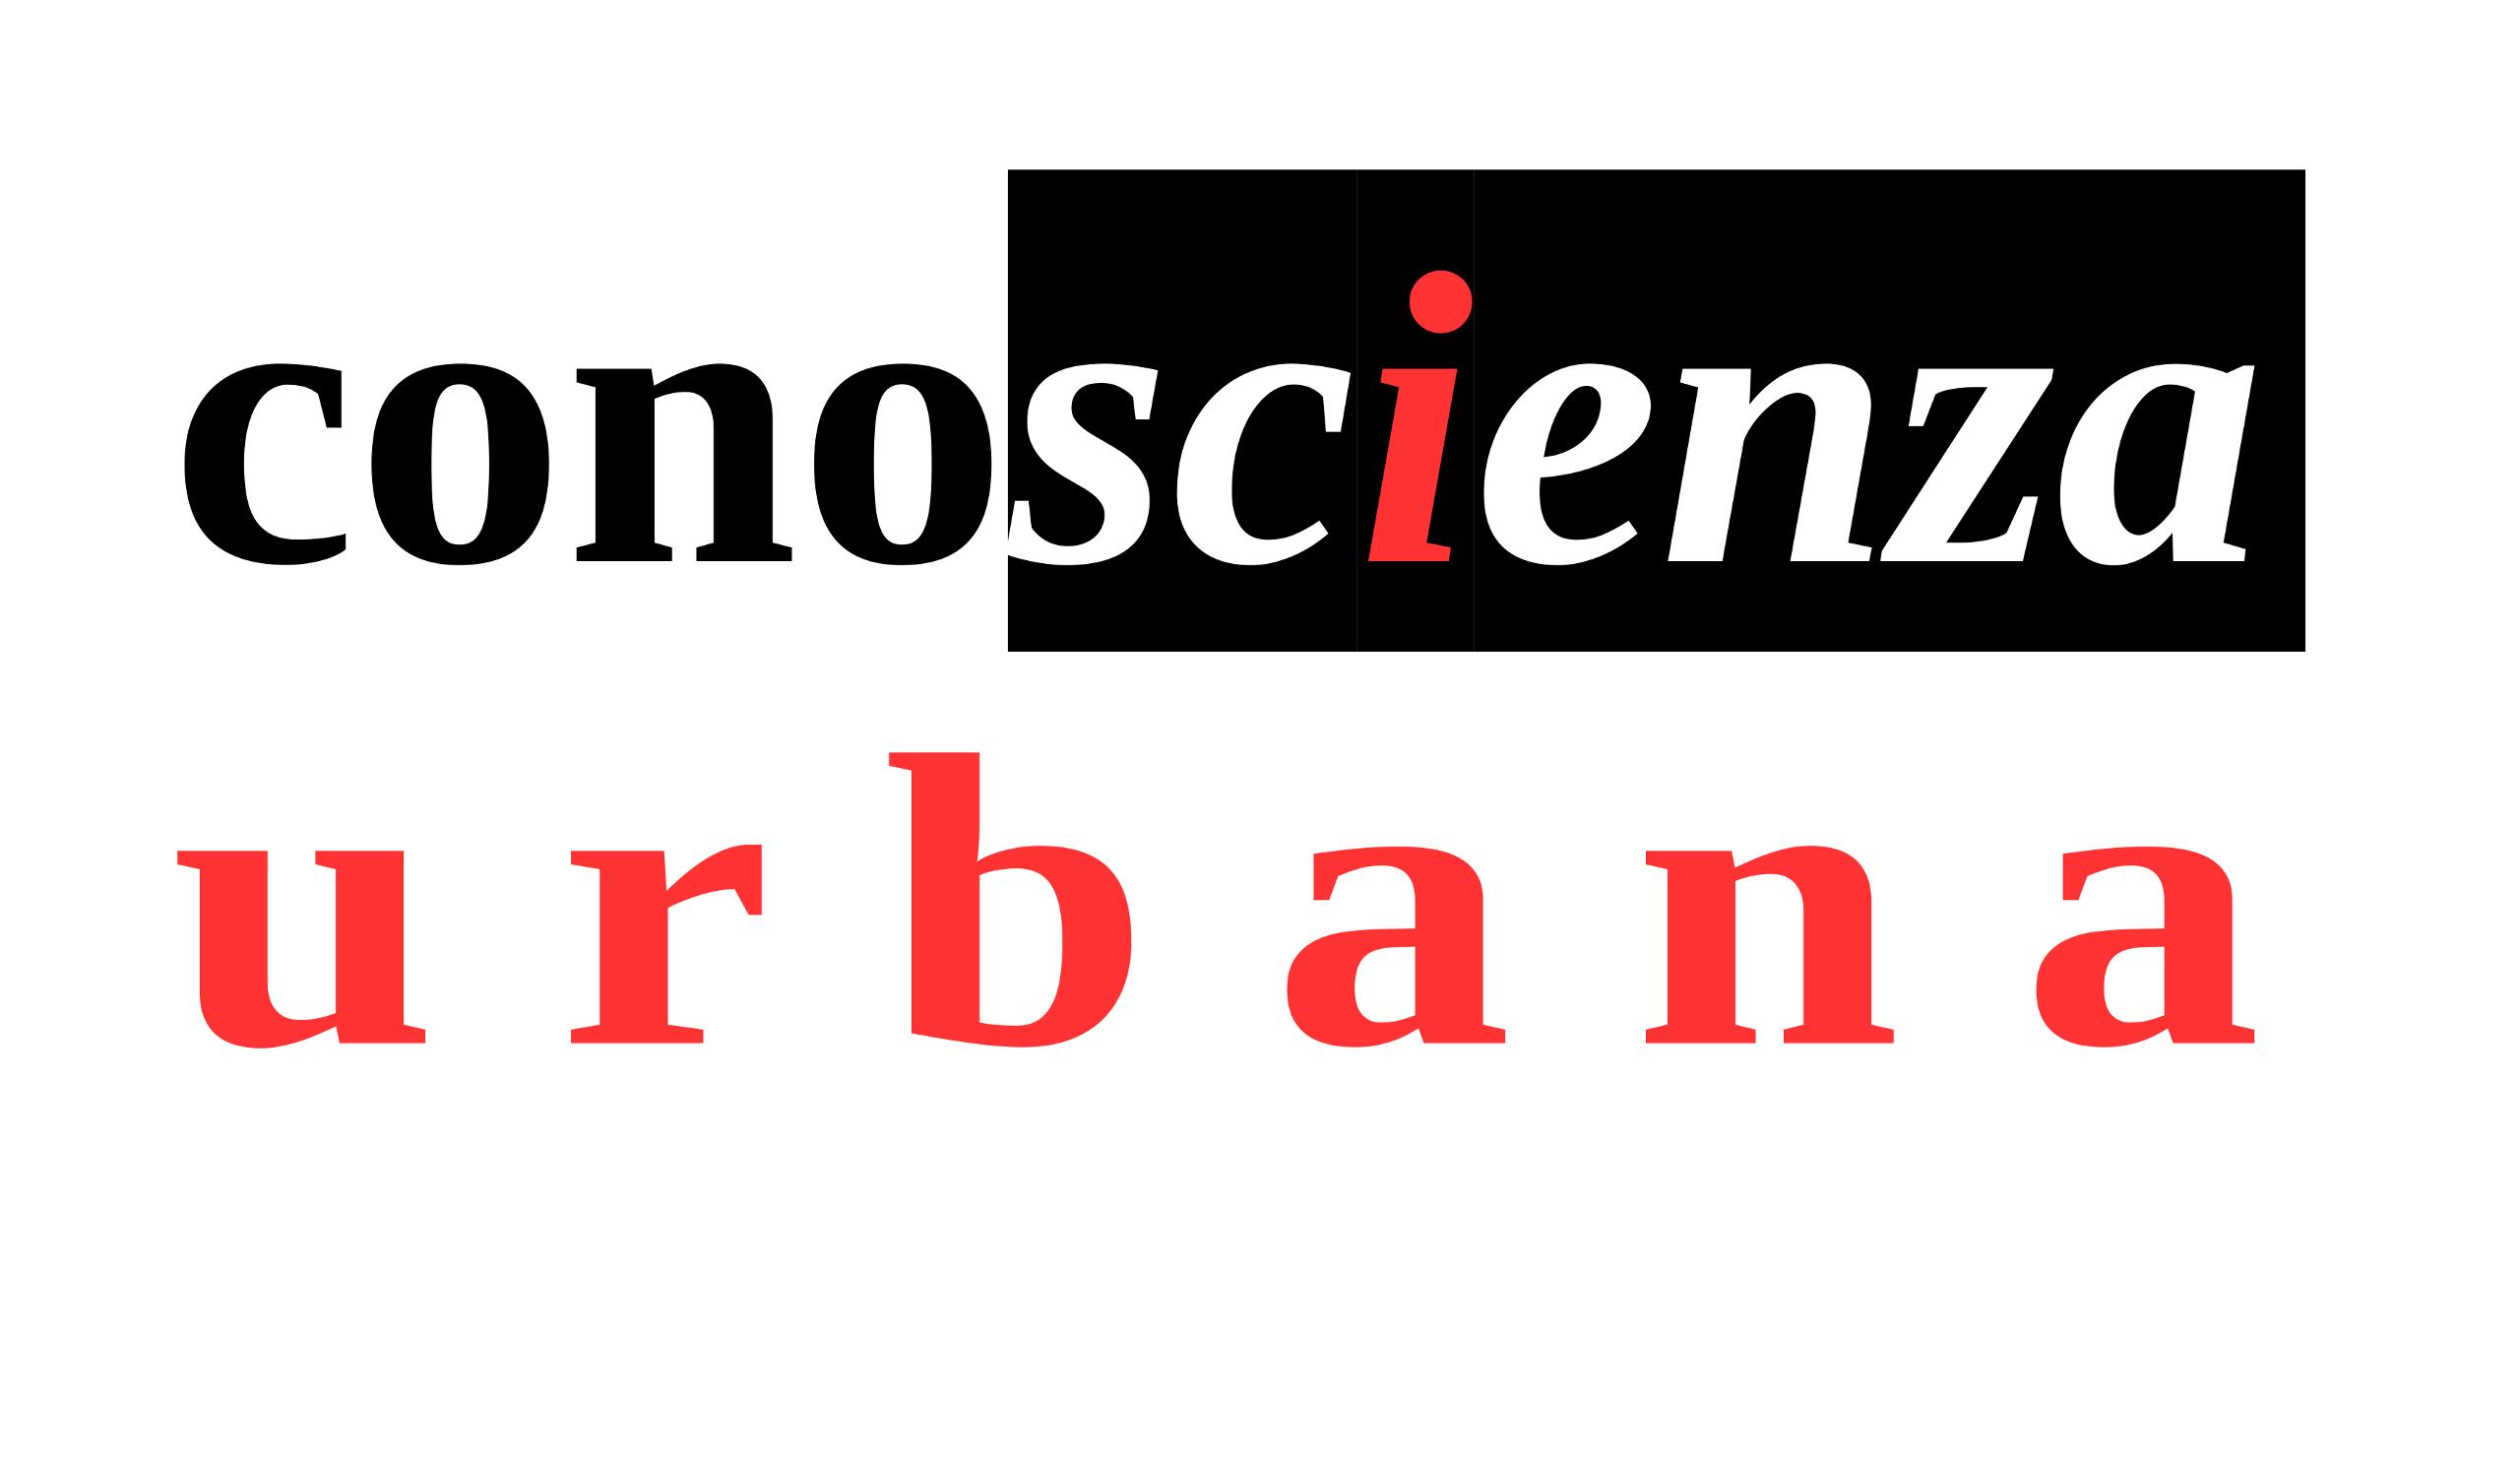 ConoScienza urbana